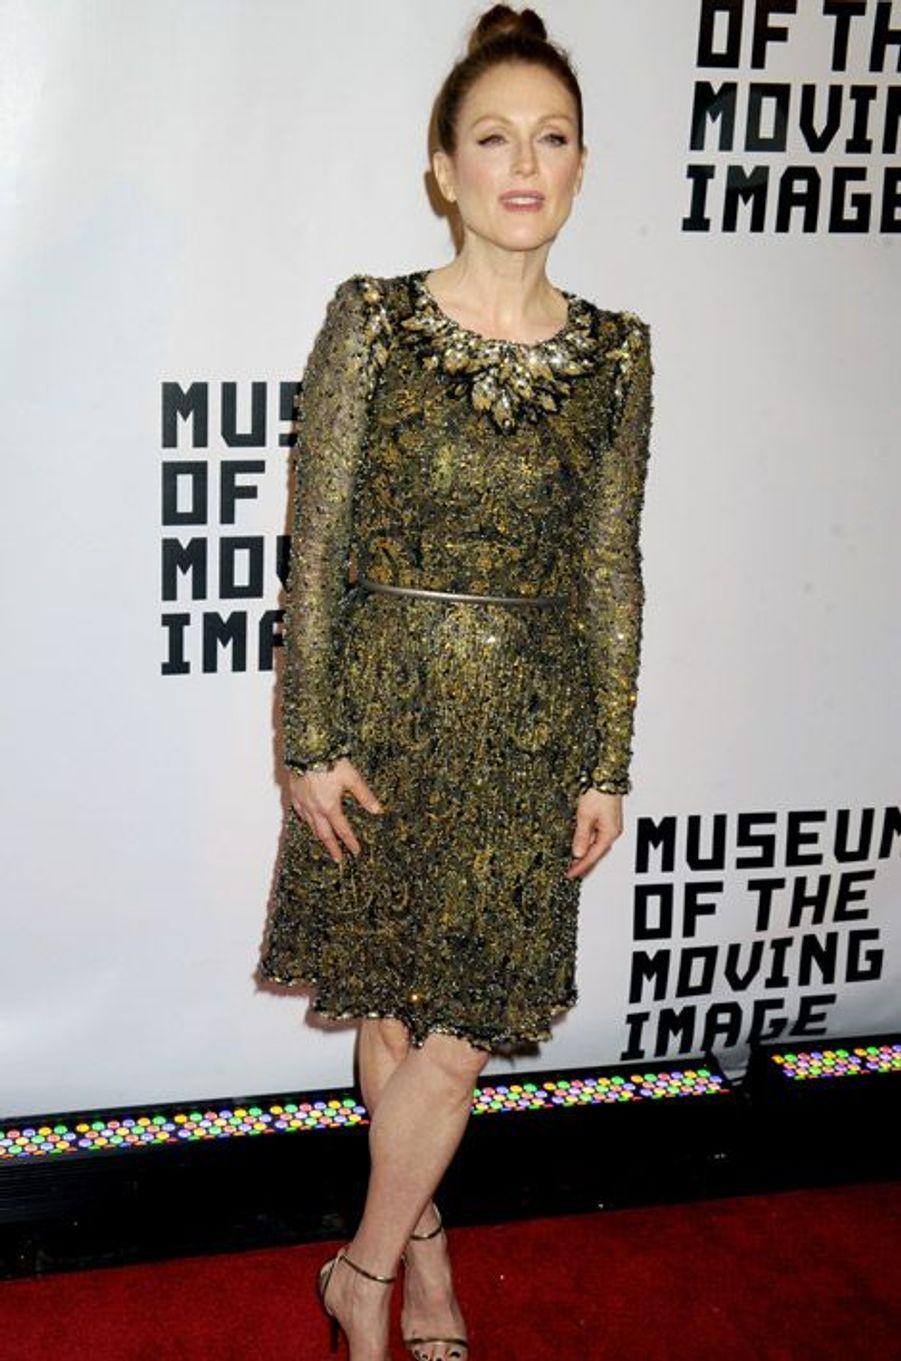 L'actrice Julianne Moore en Chanel Couture pour une soirée en son honneur à New York, le 20 janvier 2015